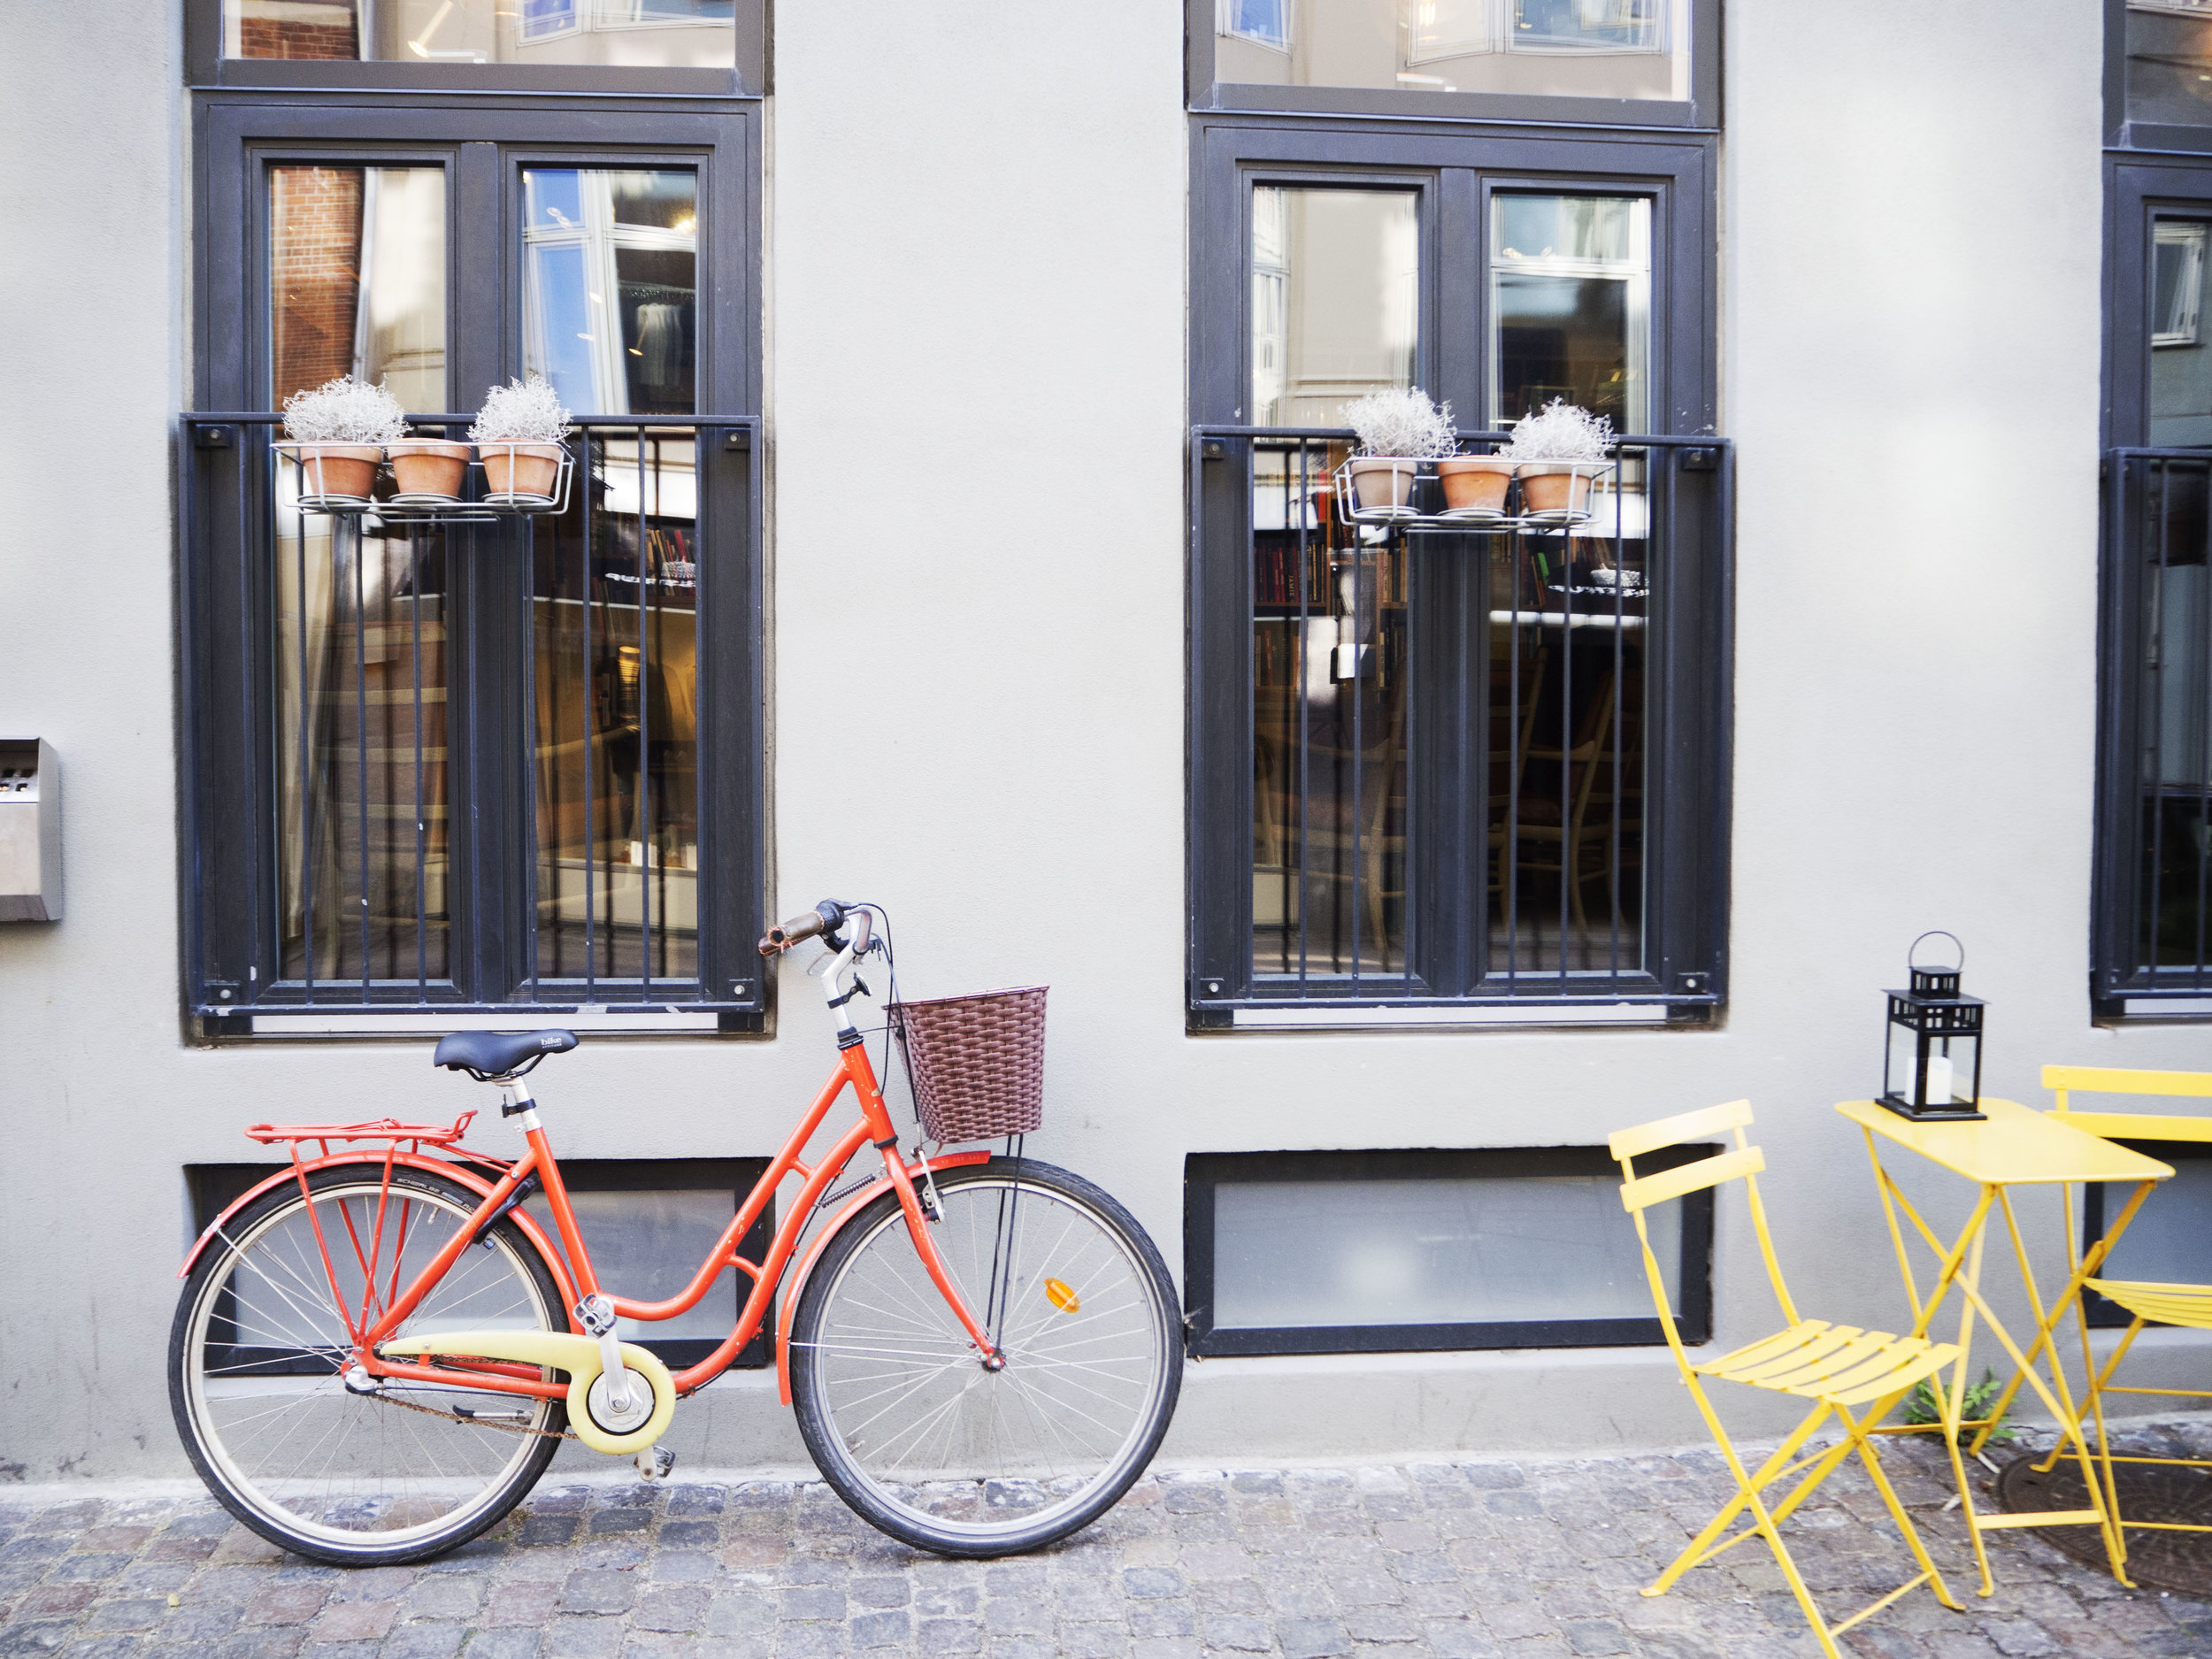 Outside Hotel SP34 in Copenhagen, Denmark.